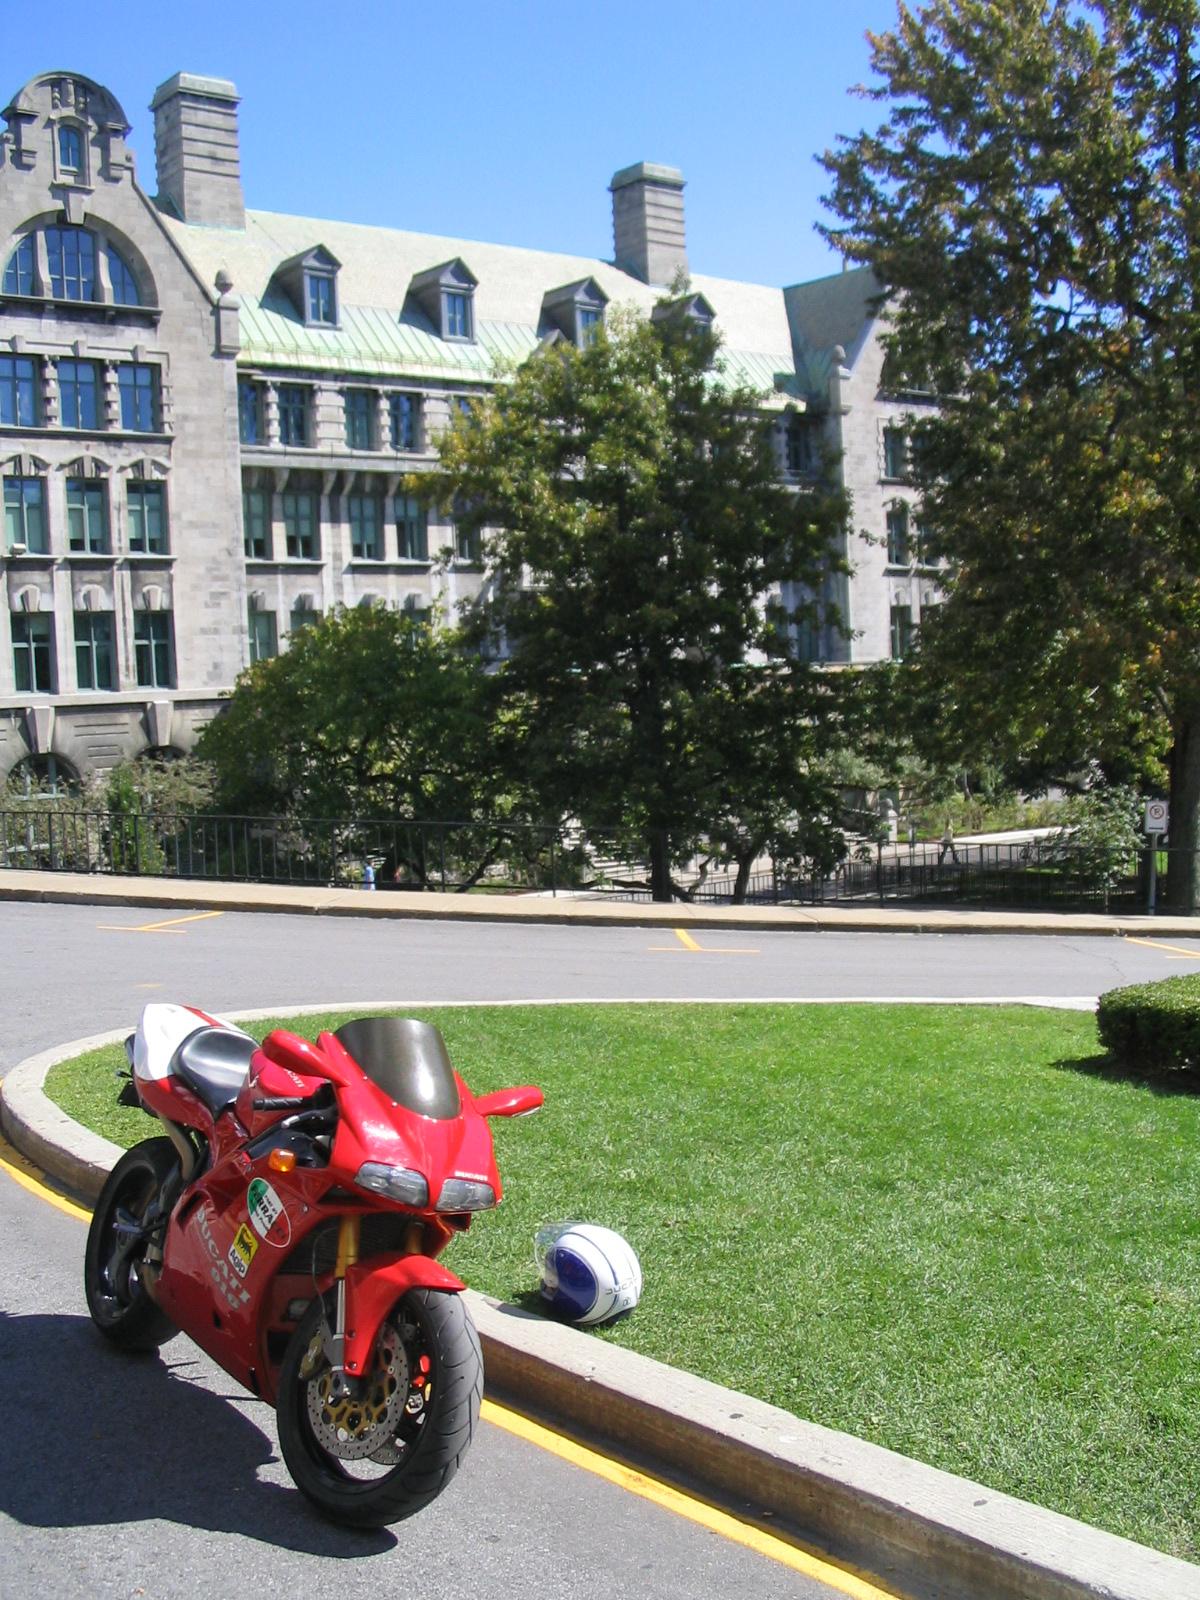 Ducati 916 McGill